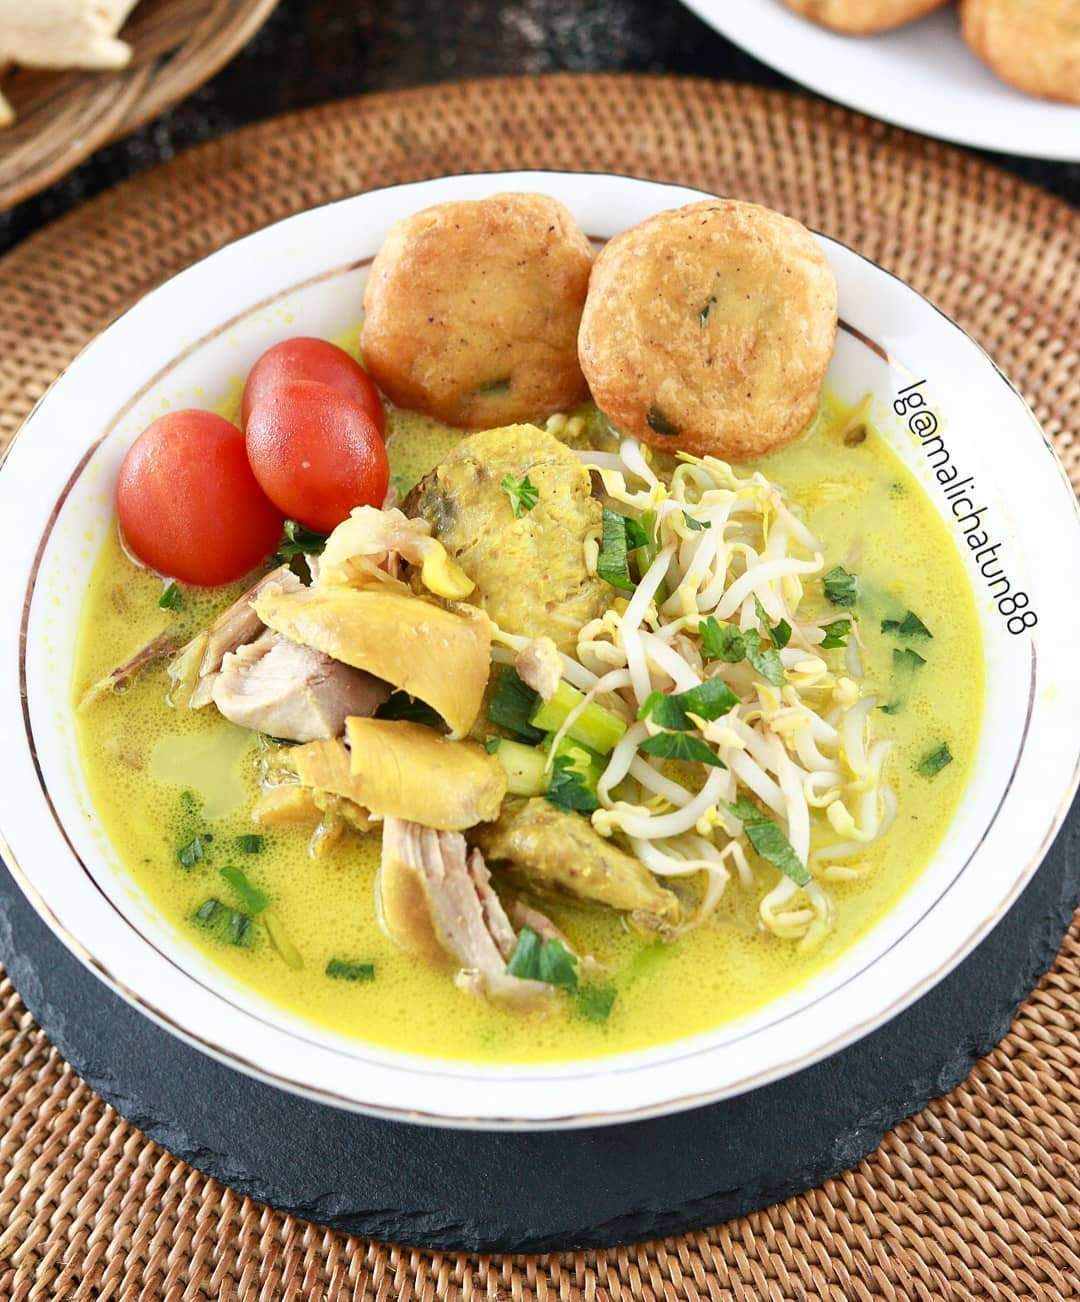 Resep Soto Ayam Bening Kuning : resep, bening, kuning, Resep, Santan, Enaknya, Kebangetan